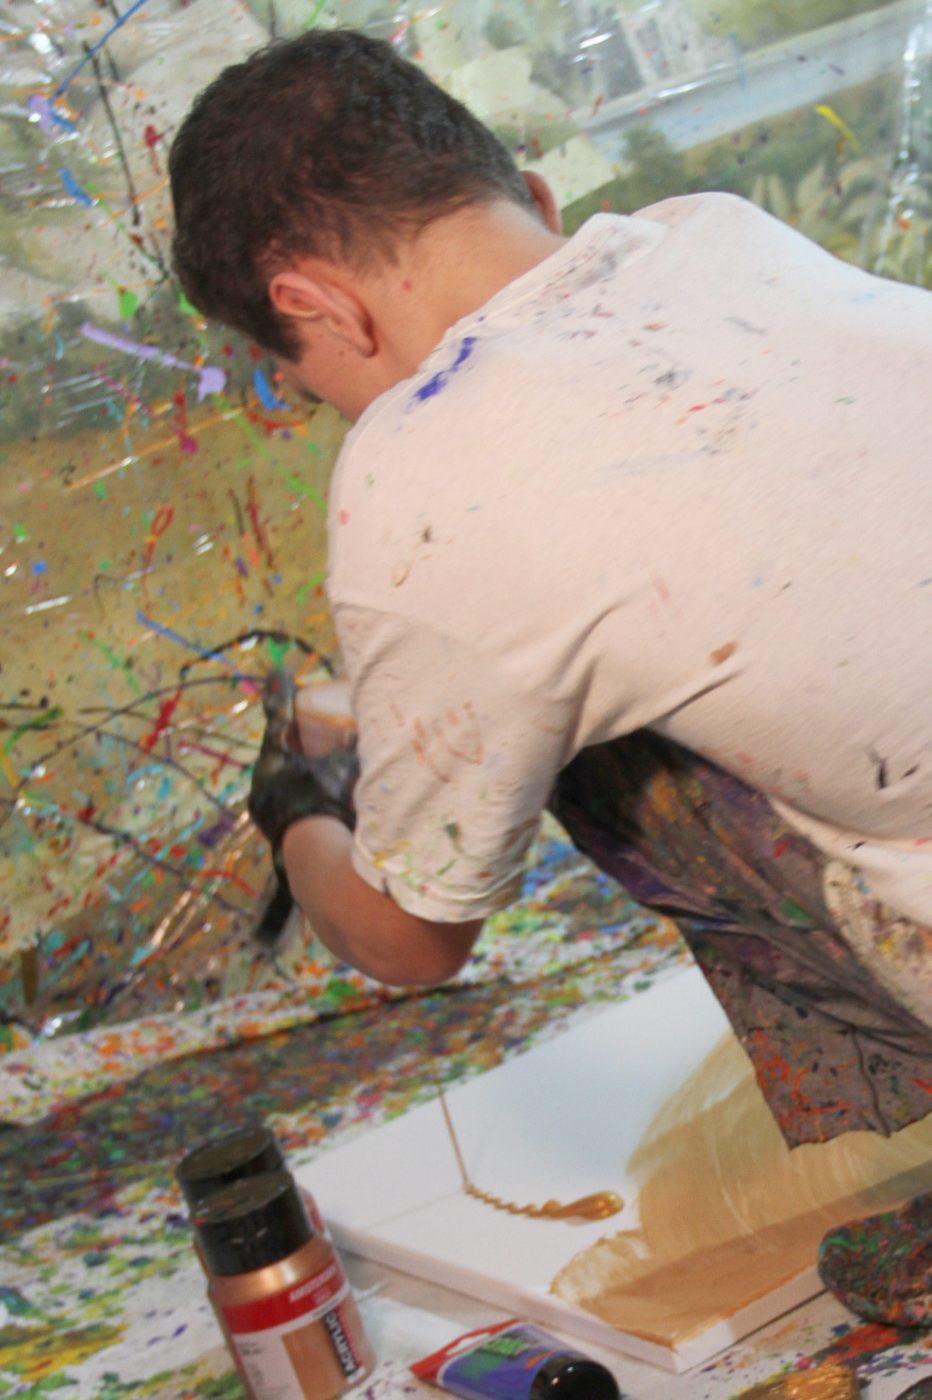 Jugendlicher spritzt Farben auf die auf dem Boden liegende Leinwand